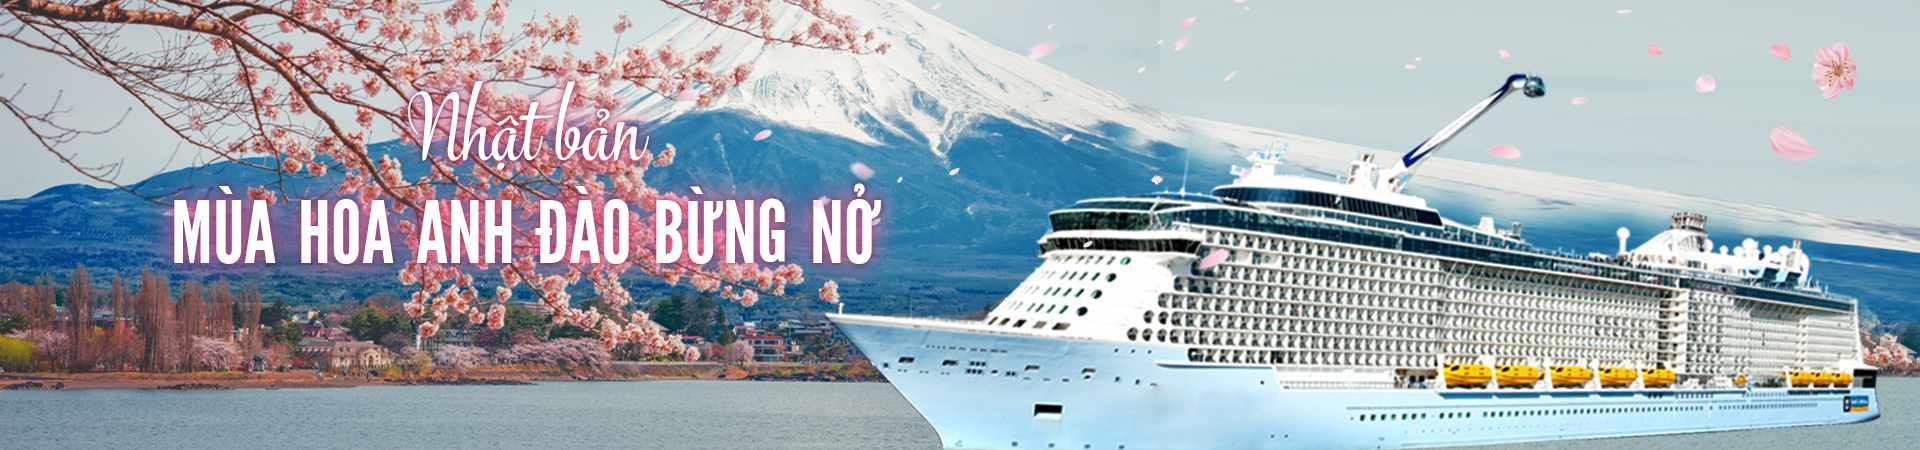 Du thuyền Nhật Bản - Mùa hoa anh đào bừng nở